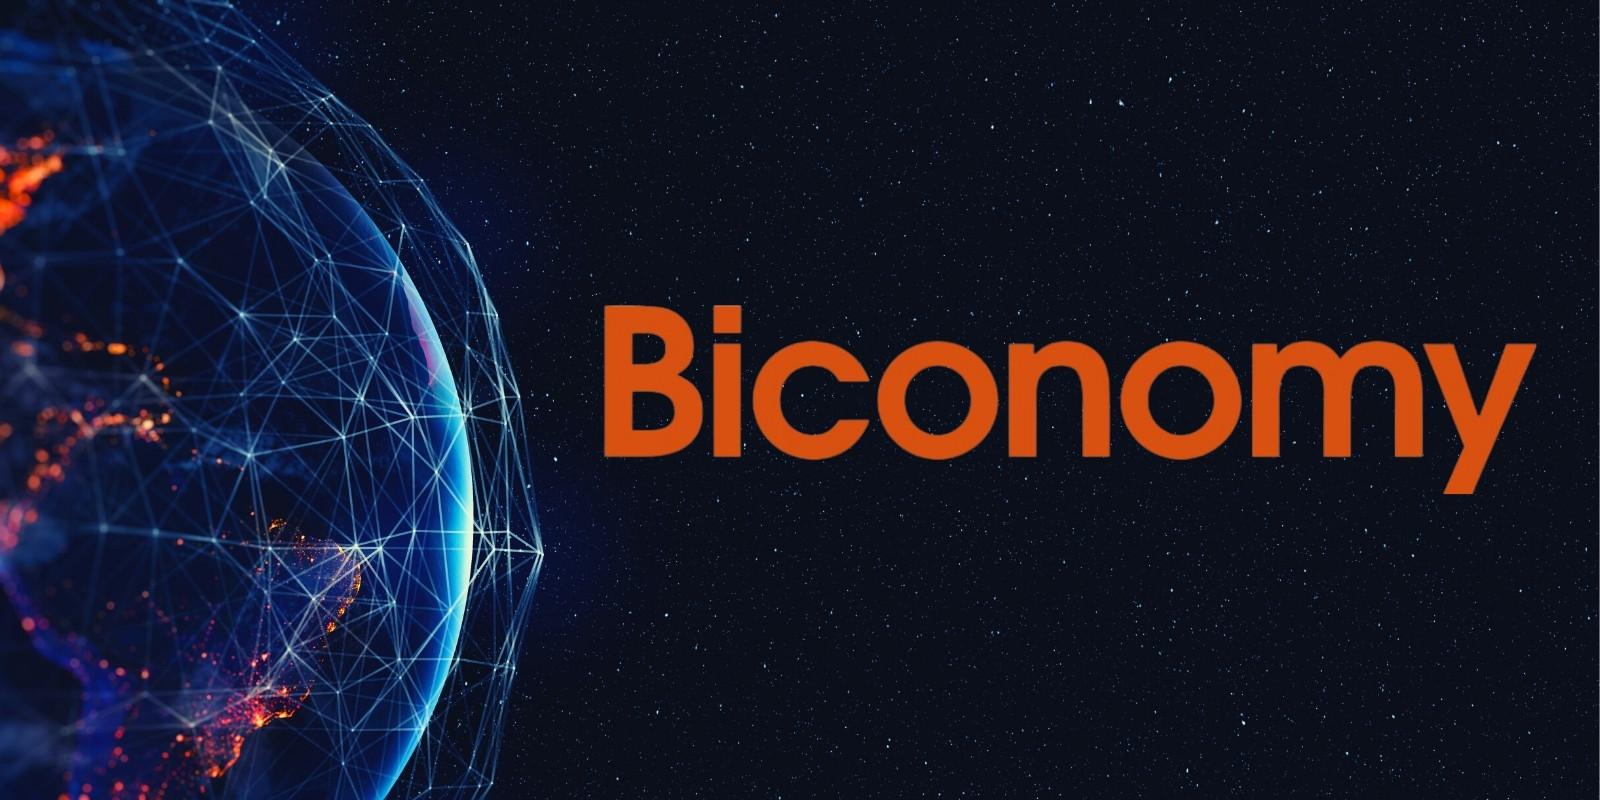 Biconomy (BICO), la solution multi-chaîne pour les applications Web 3.0 et l'Internet décentralisé